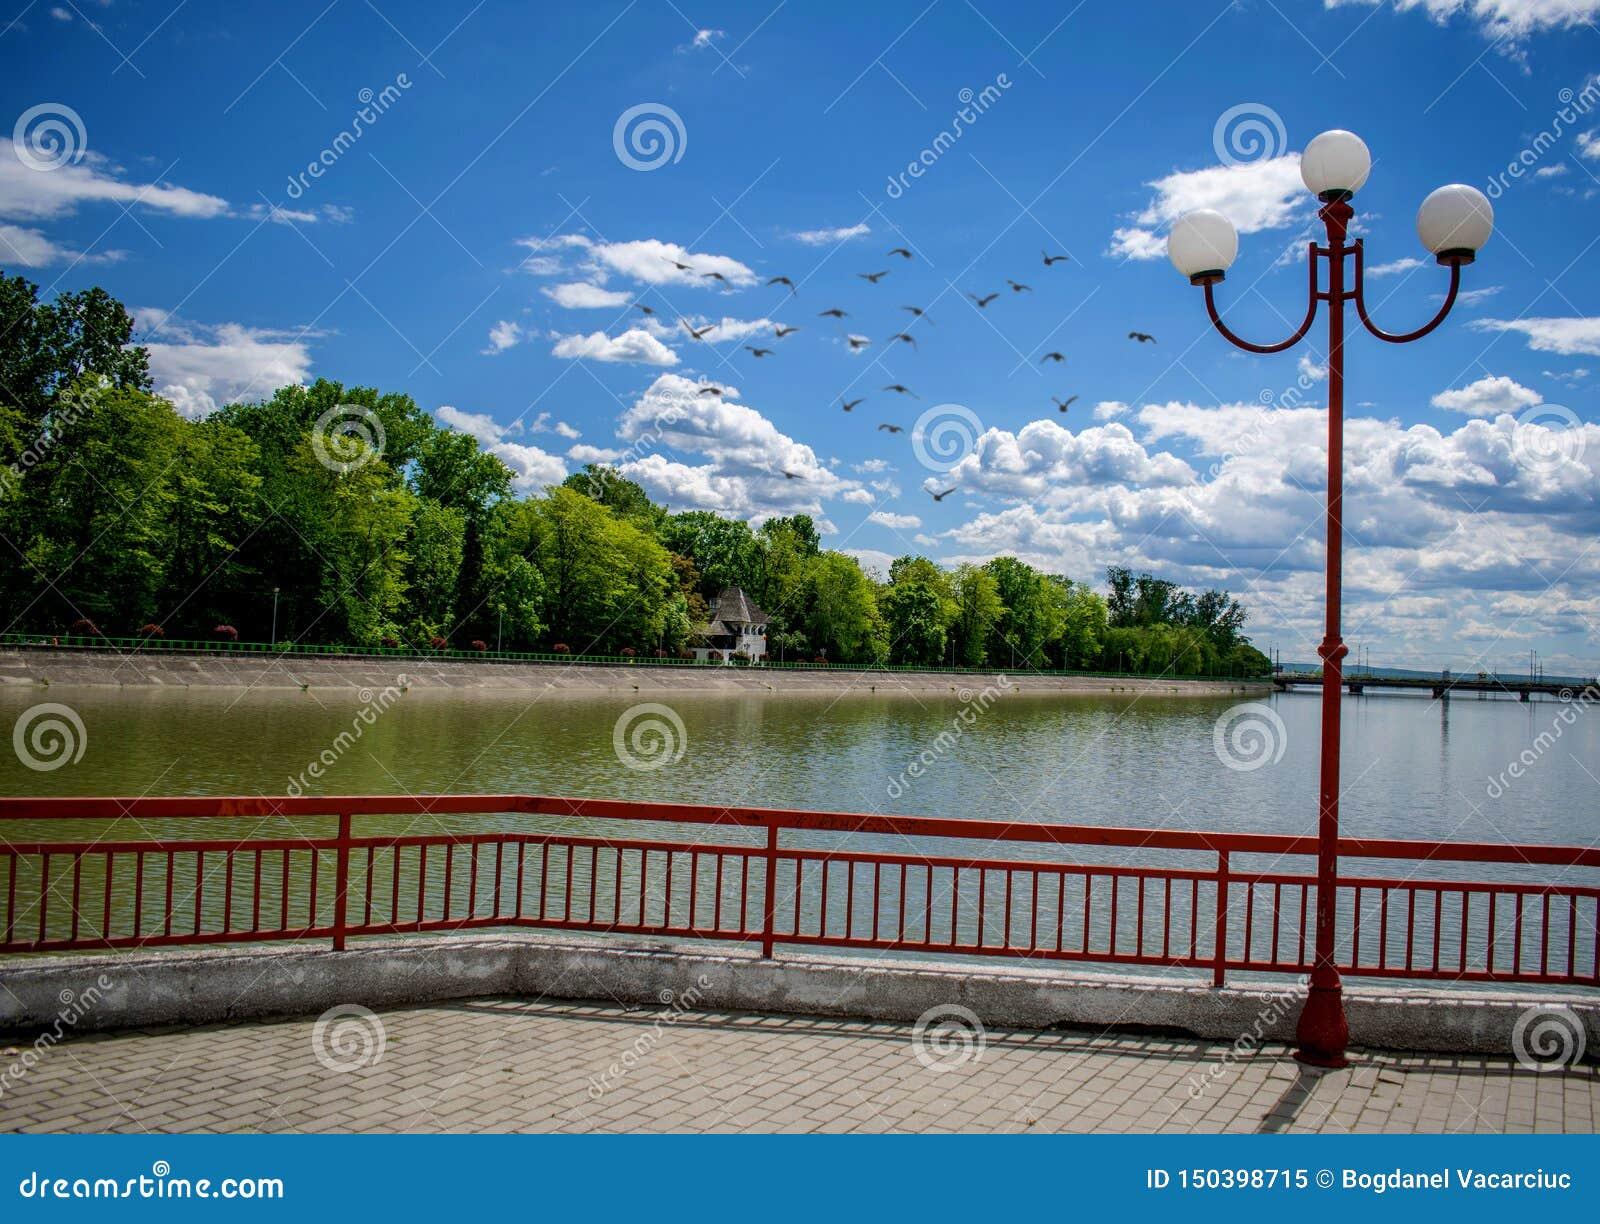 All inizio di estate in un bello parco Acqua, cielo blu, foresta verde e una lanterna